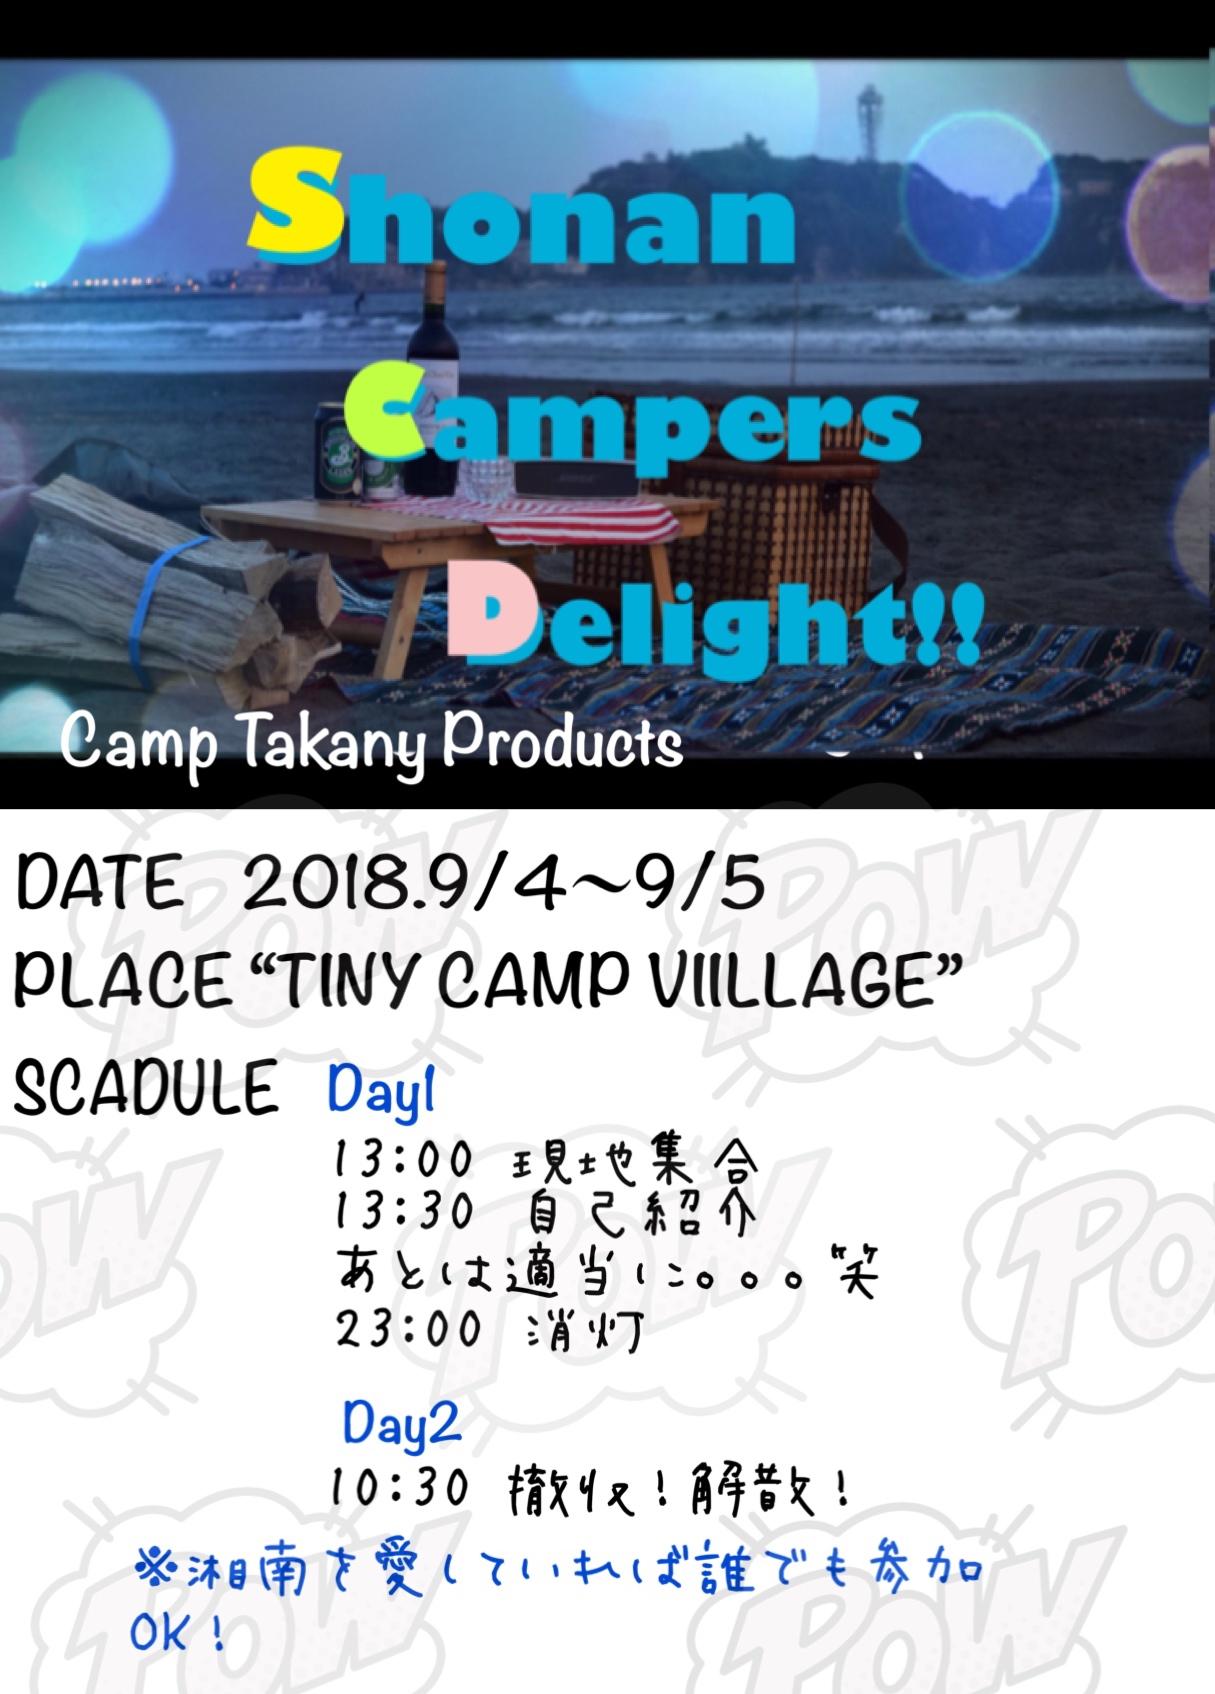 【お知らせ】キャンプのオフ会を開きます。そのうちウルトラライトキャンプのオフ会も開くよ!